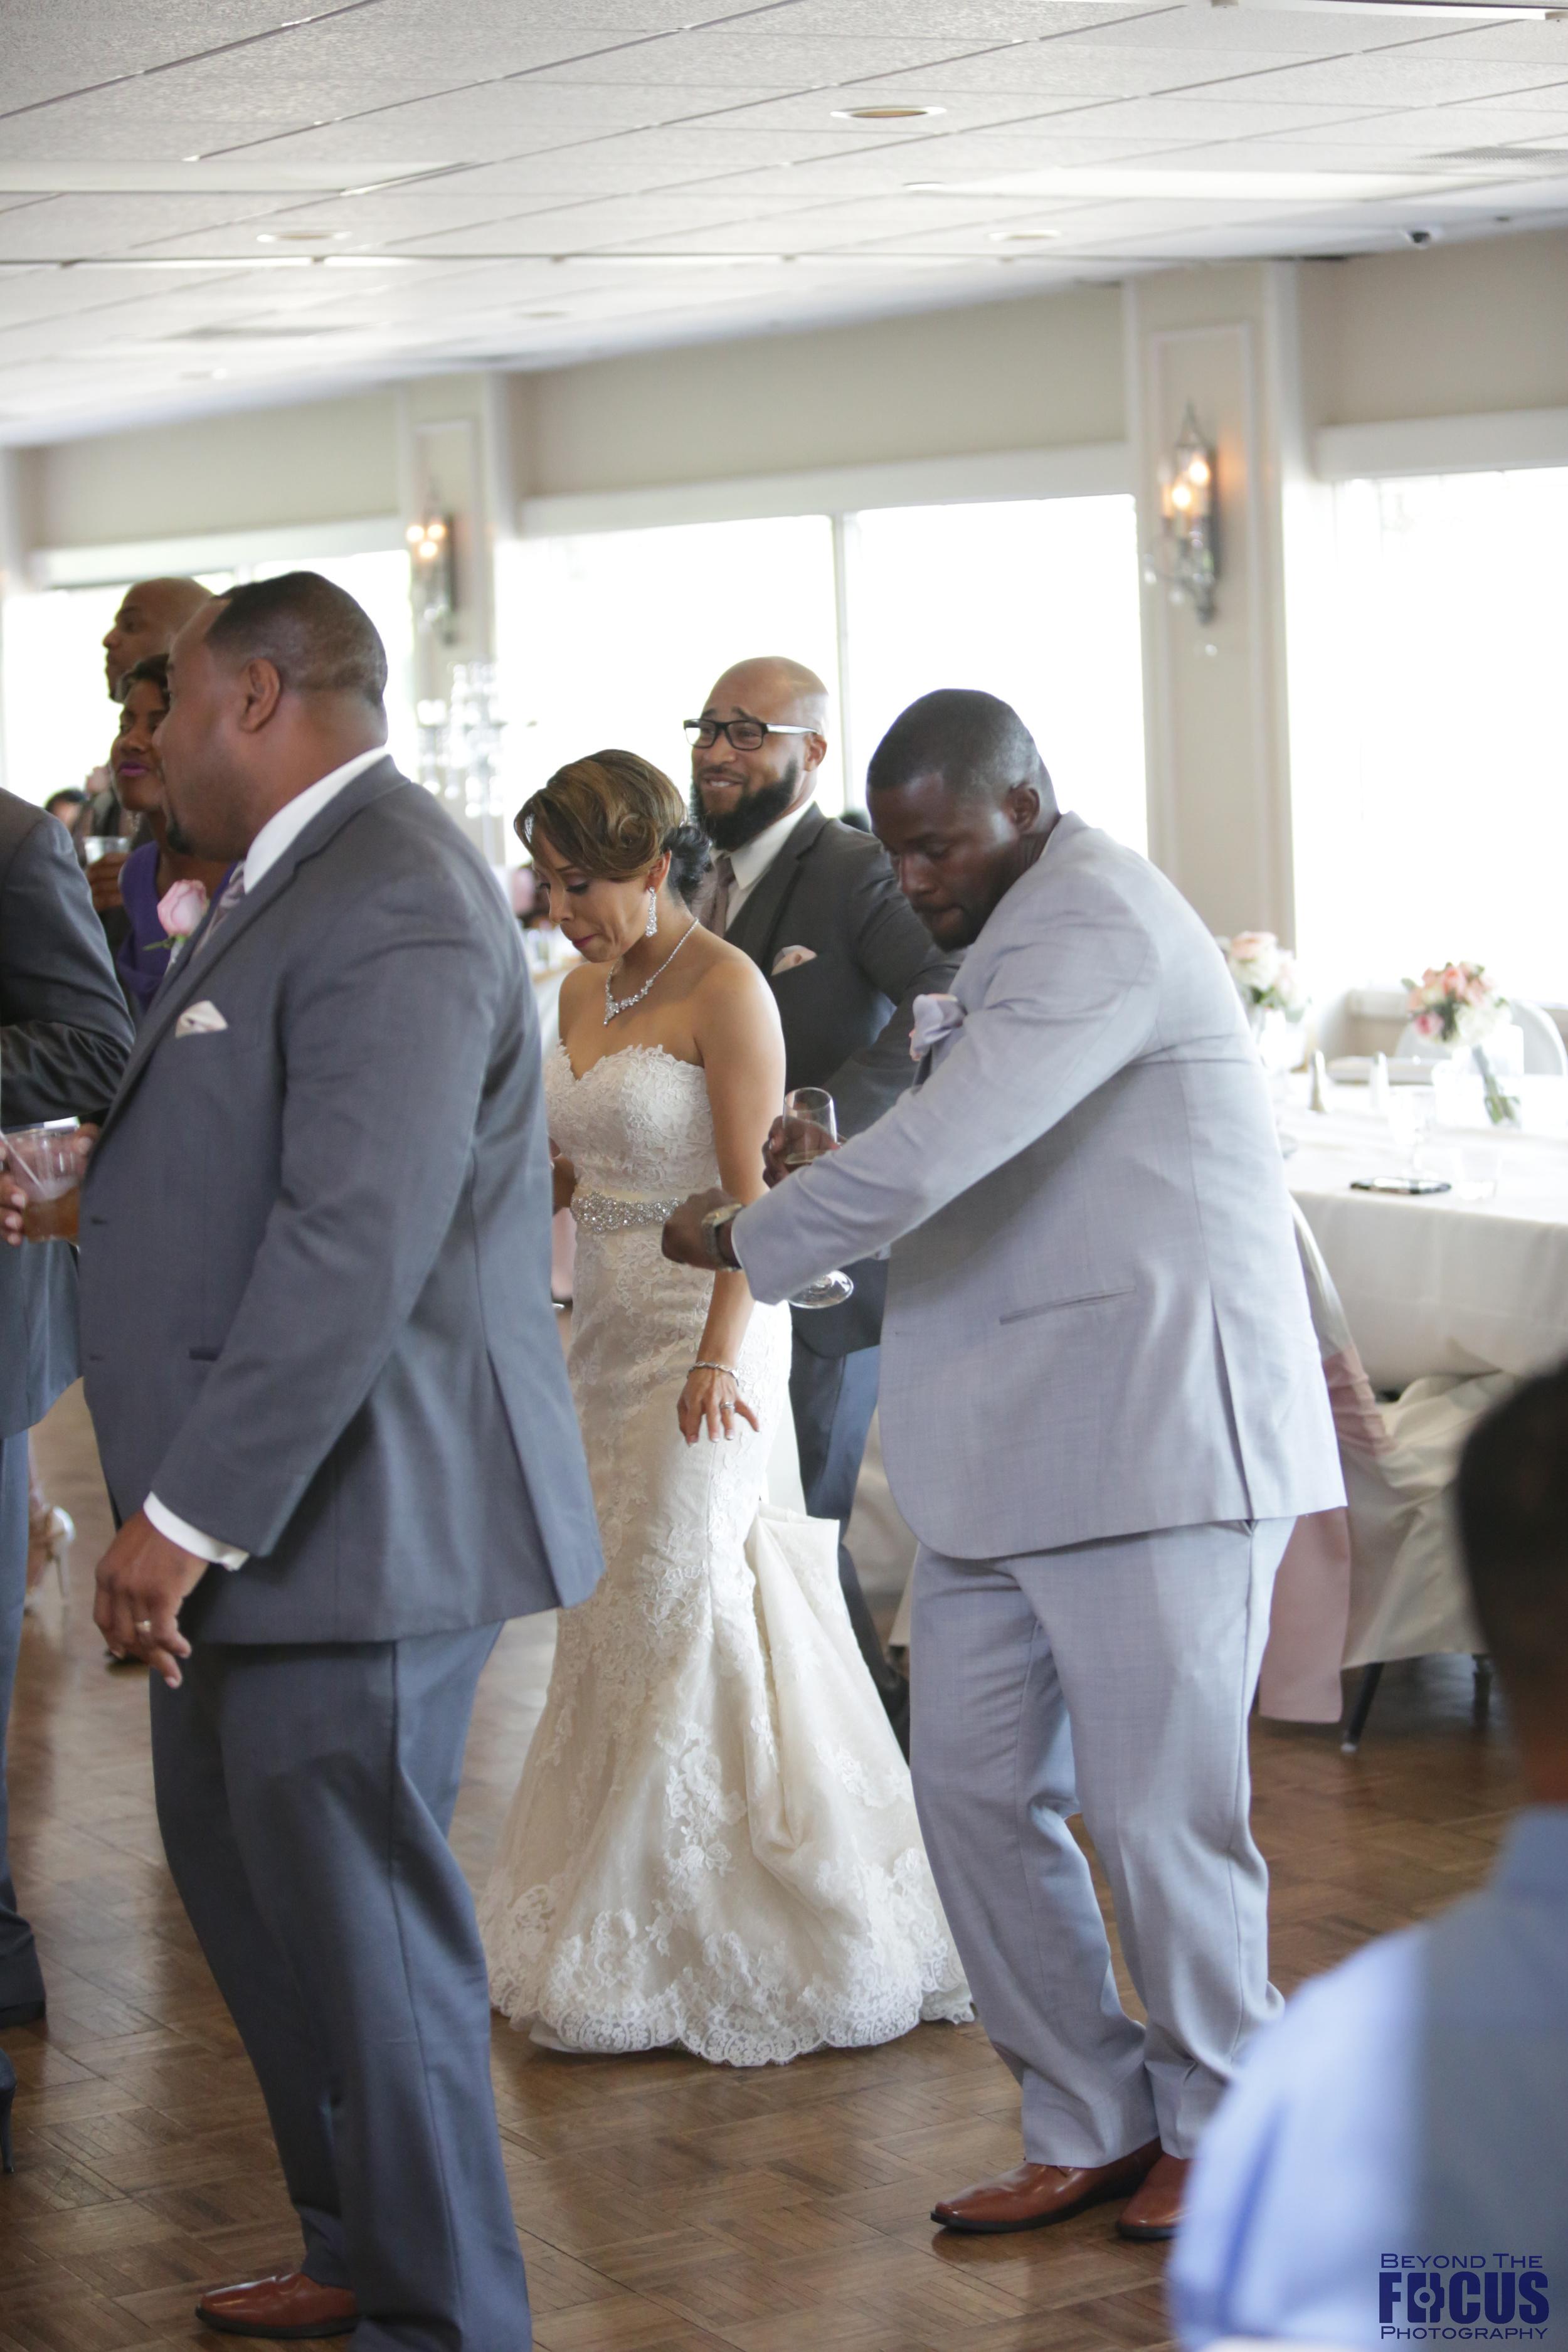 Palmer Wedding - Reception 25.jpg